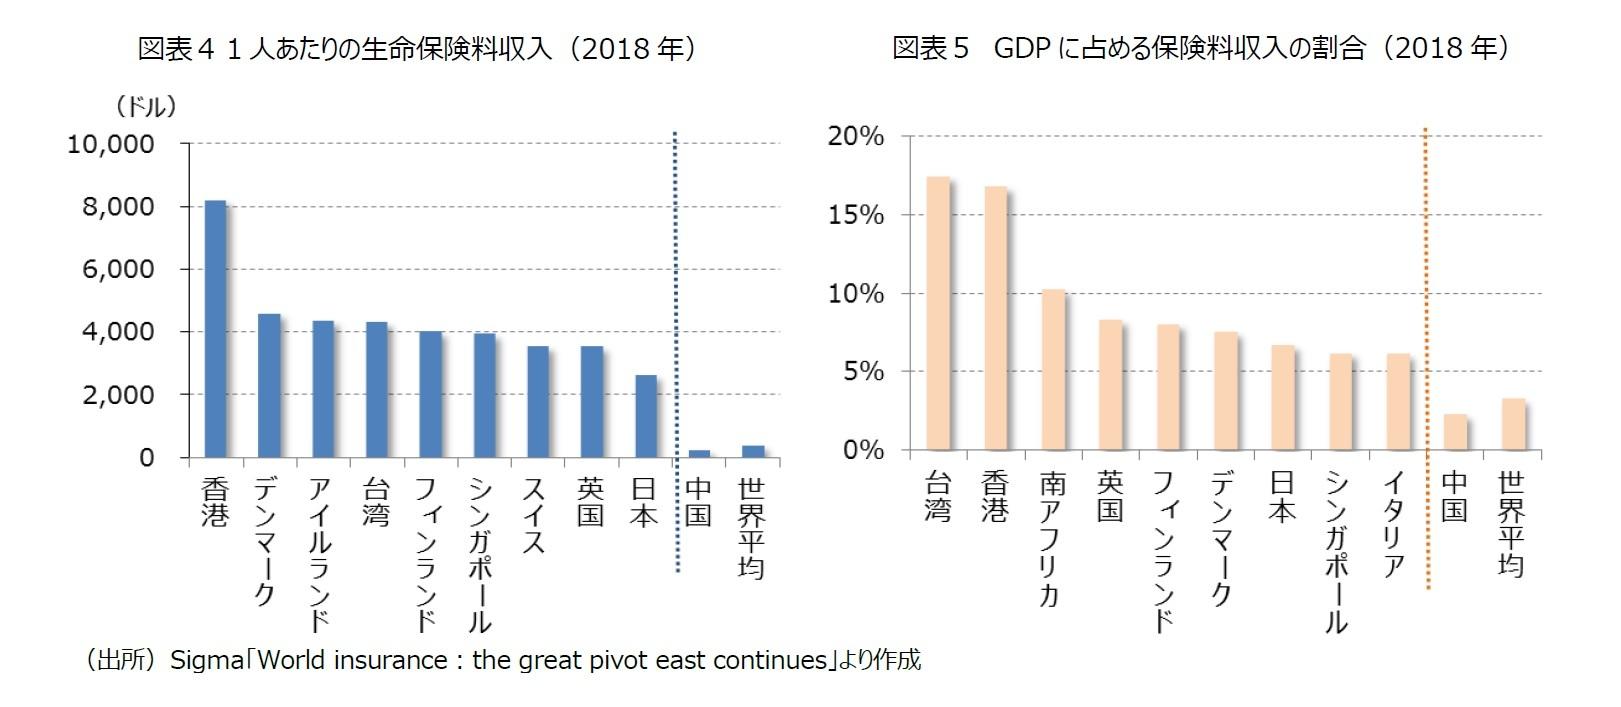 図表4 1人あたりの生命保険料収入(2018年)/図表5 GDPに占める保険料収入の割合(2018年)